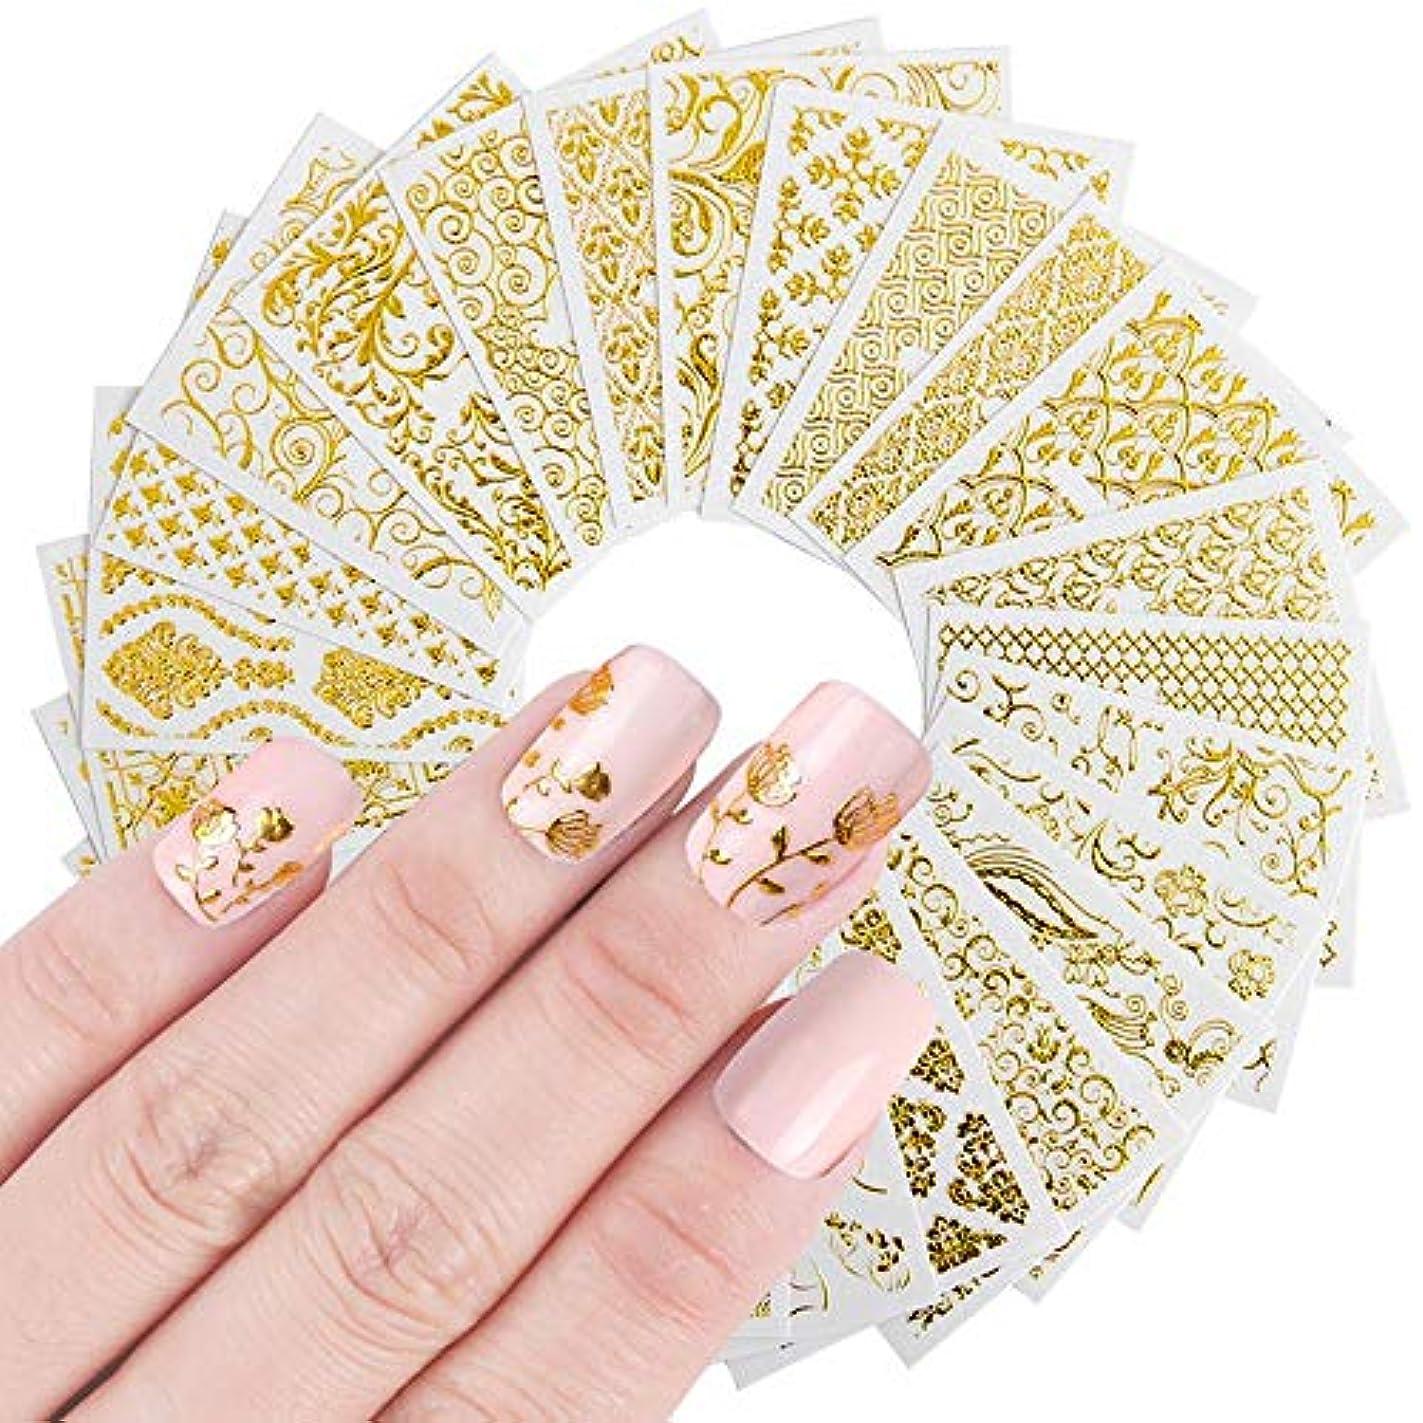 パートナーを通してにぎやかKingsie ネイルシール 20枚セット ゴールド 貼るだけでいい 3D 金色 ネイルステッカー マニキュア ネイルアート デコレーション レジン